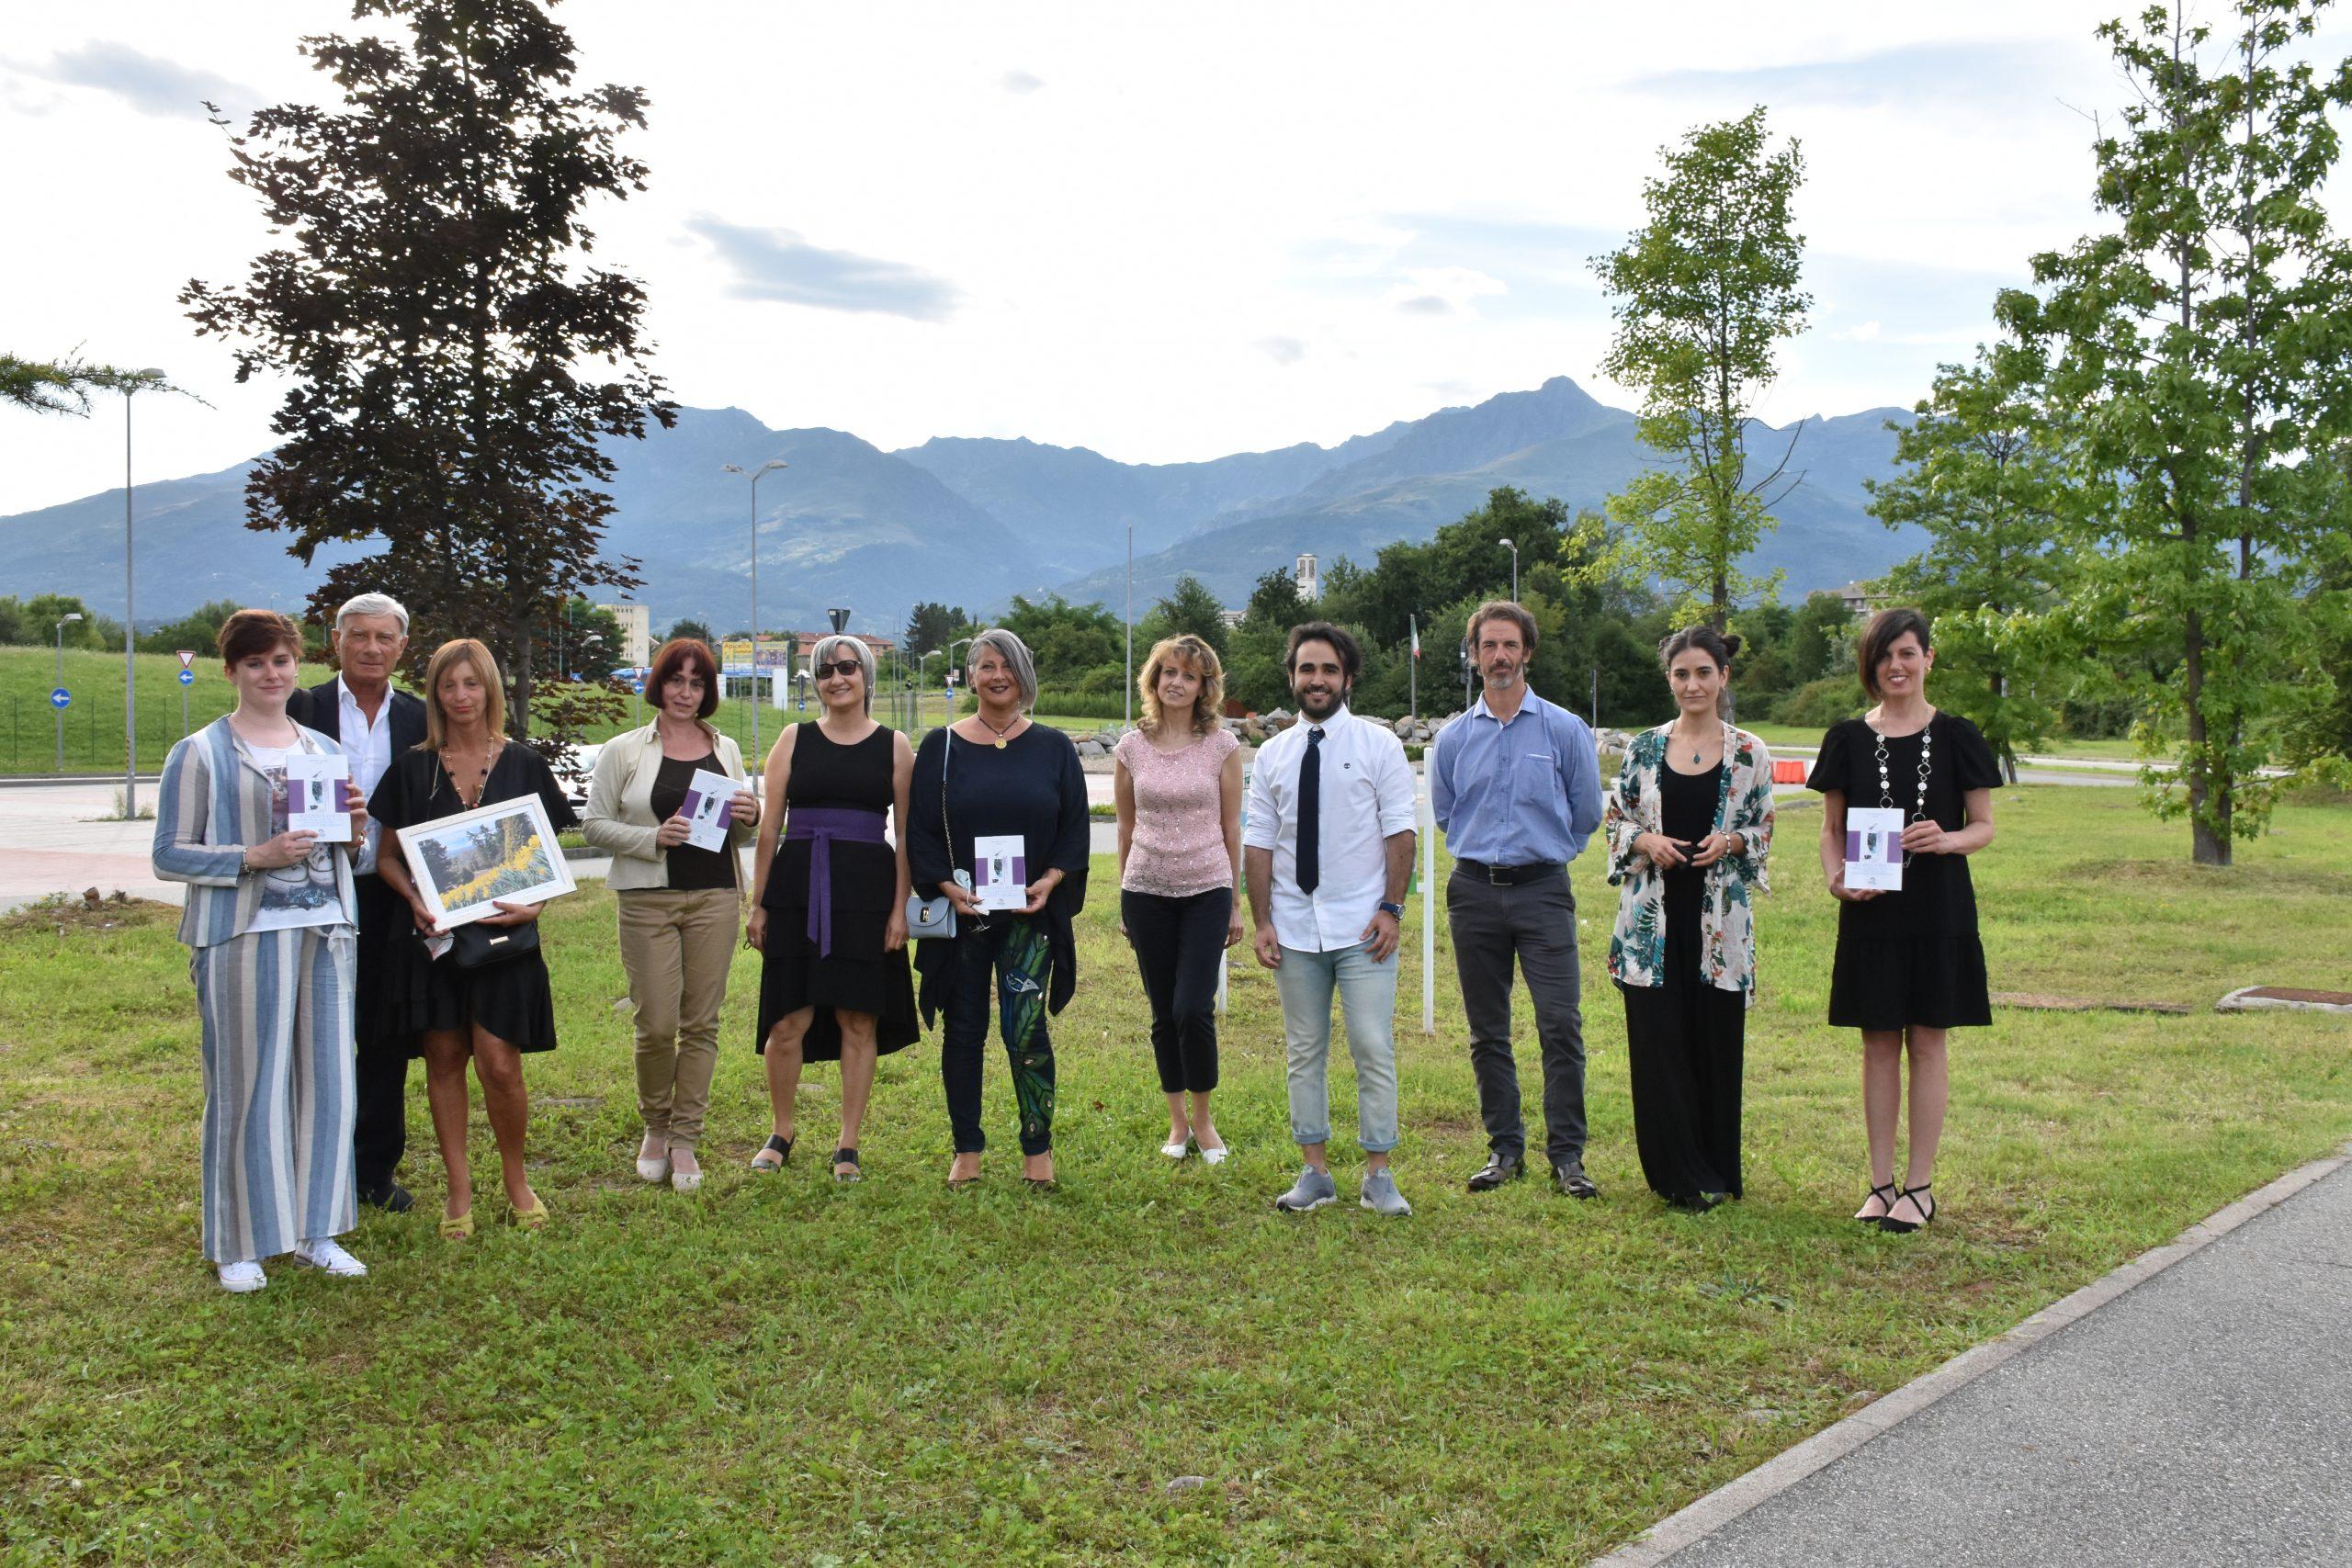 I vincitori dell'edizione 2021 del concorso letterario Gim, fra sogno e realtà del Fondo Edo Tempia di Biella